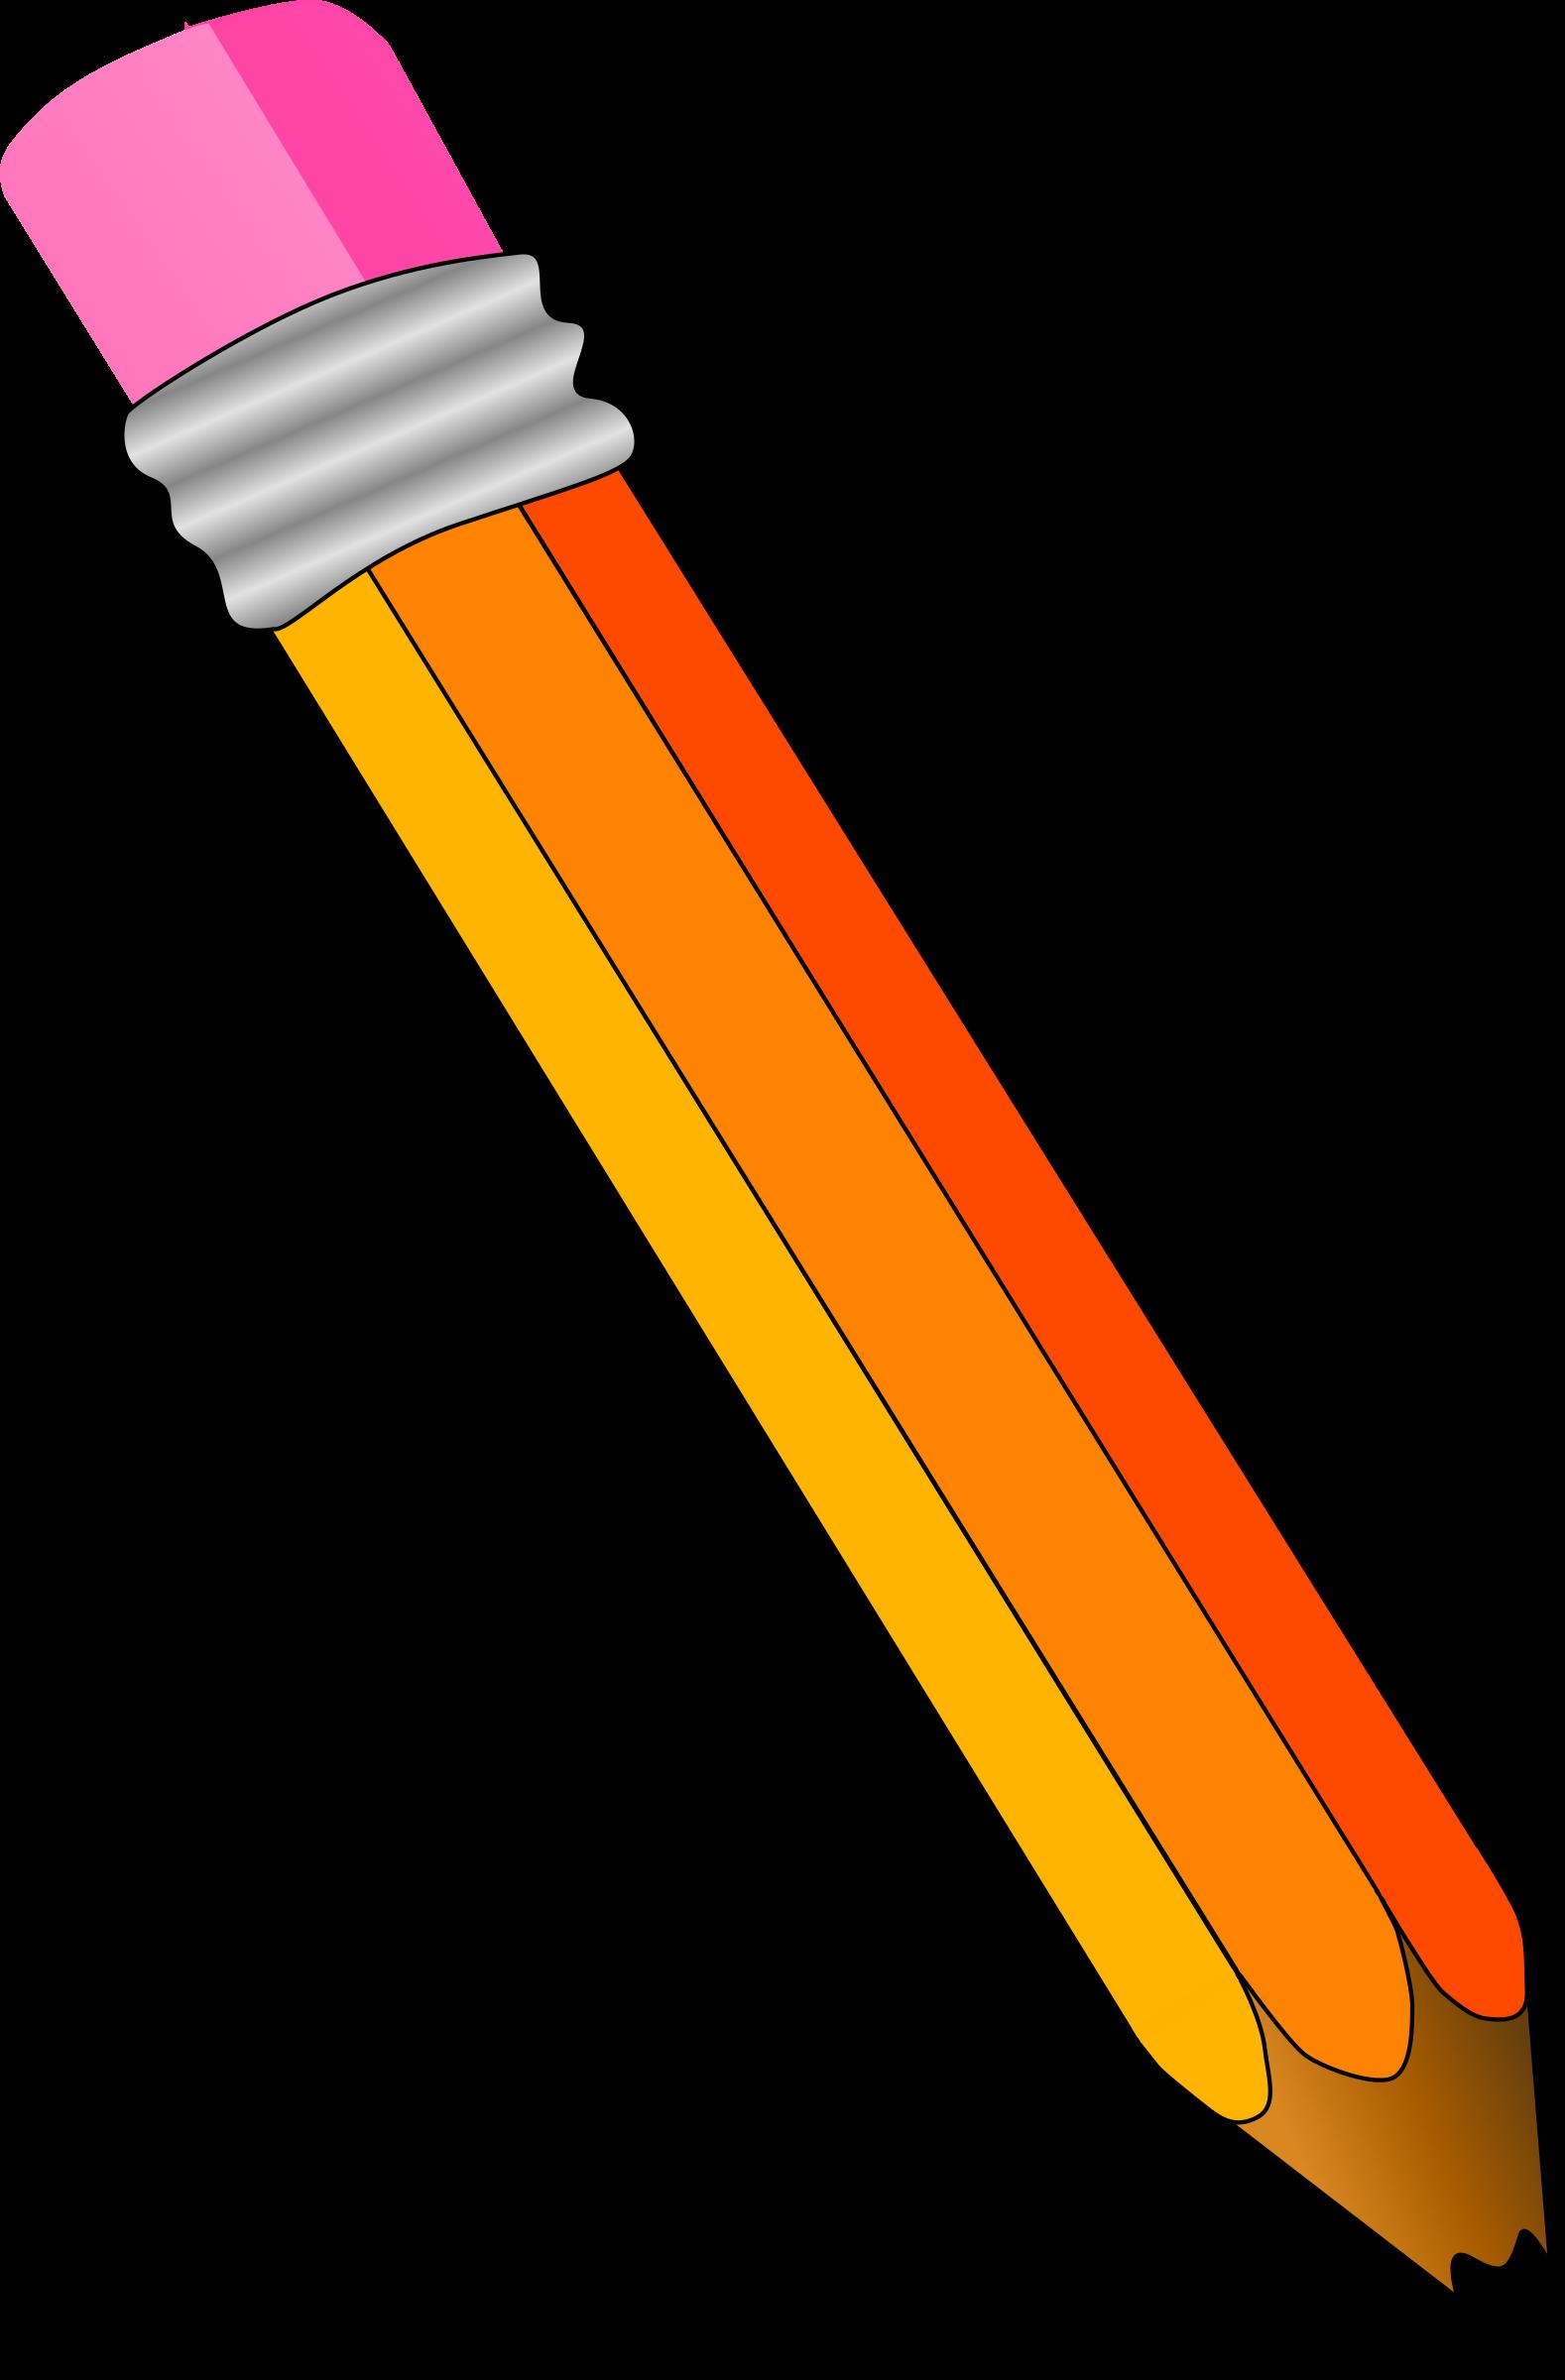 Pencil clipart sharp pencil Pencil clipartandscrap clipartandscrap Pencil clip